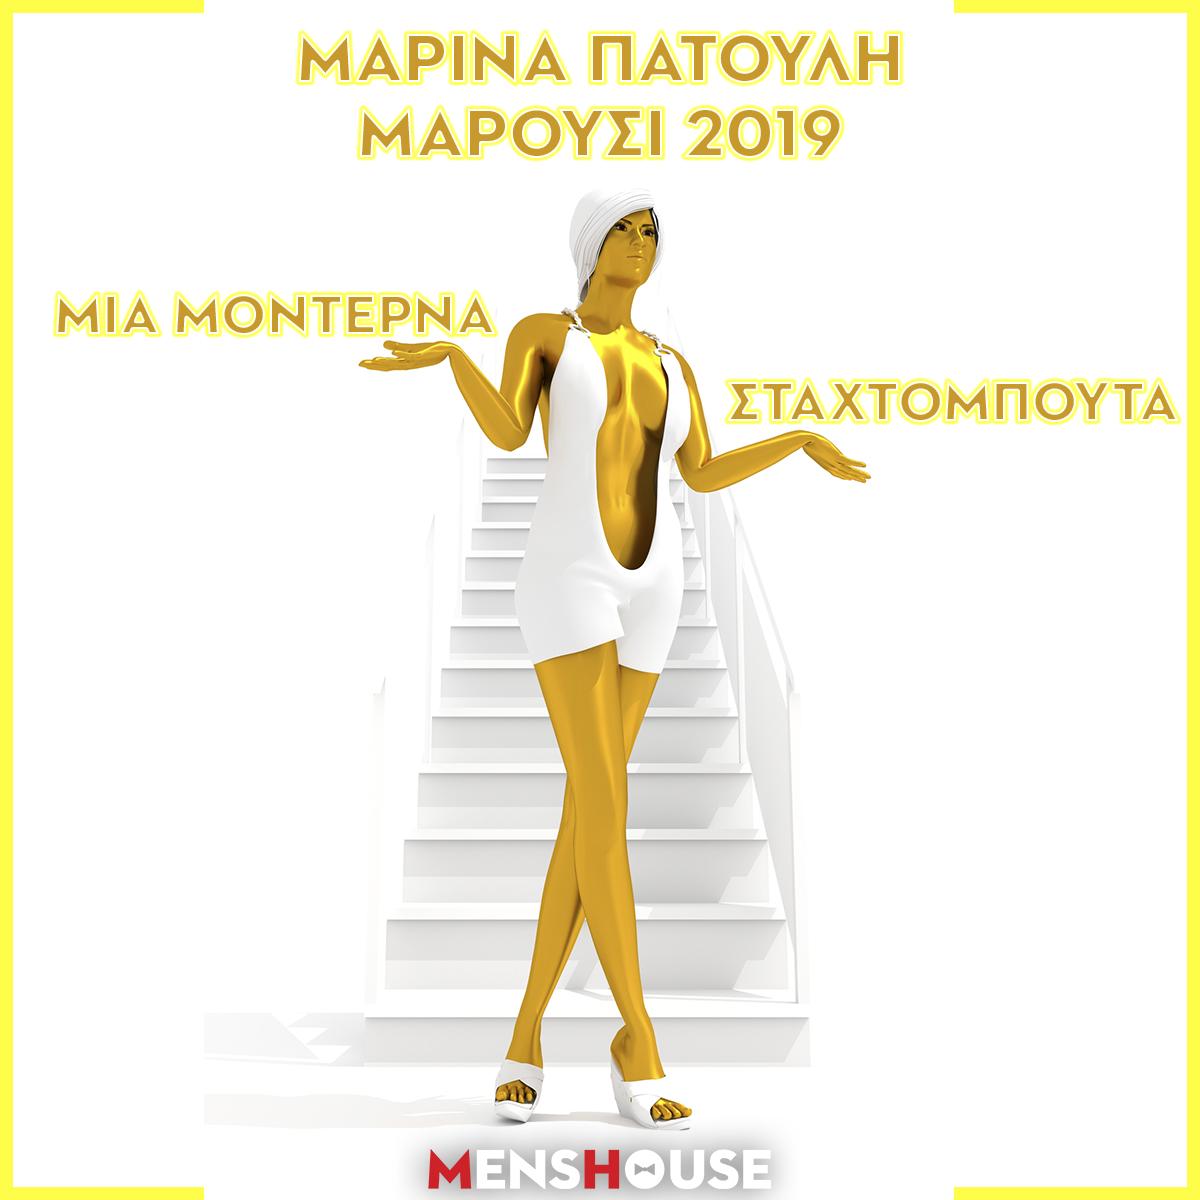 Οι συλλεκτικές προεκλογικές αφίσες της Μαρίνας Πατούλη που δεν πρόλαβε να βγάλει (Pics)